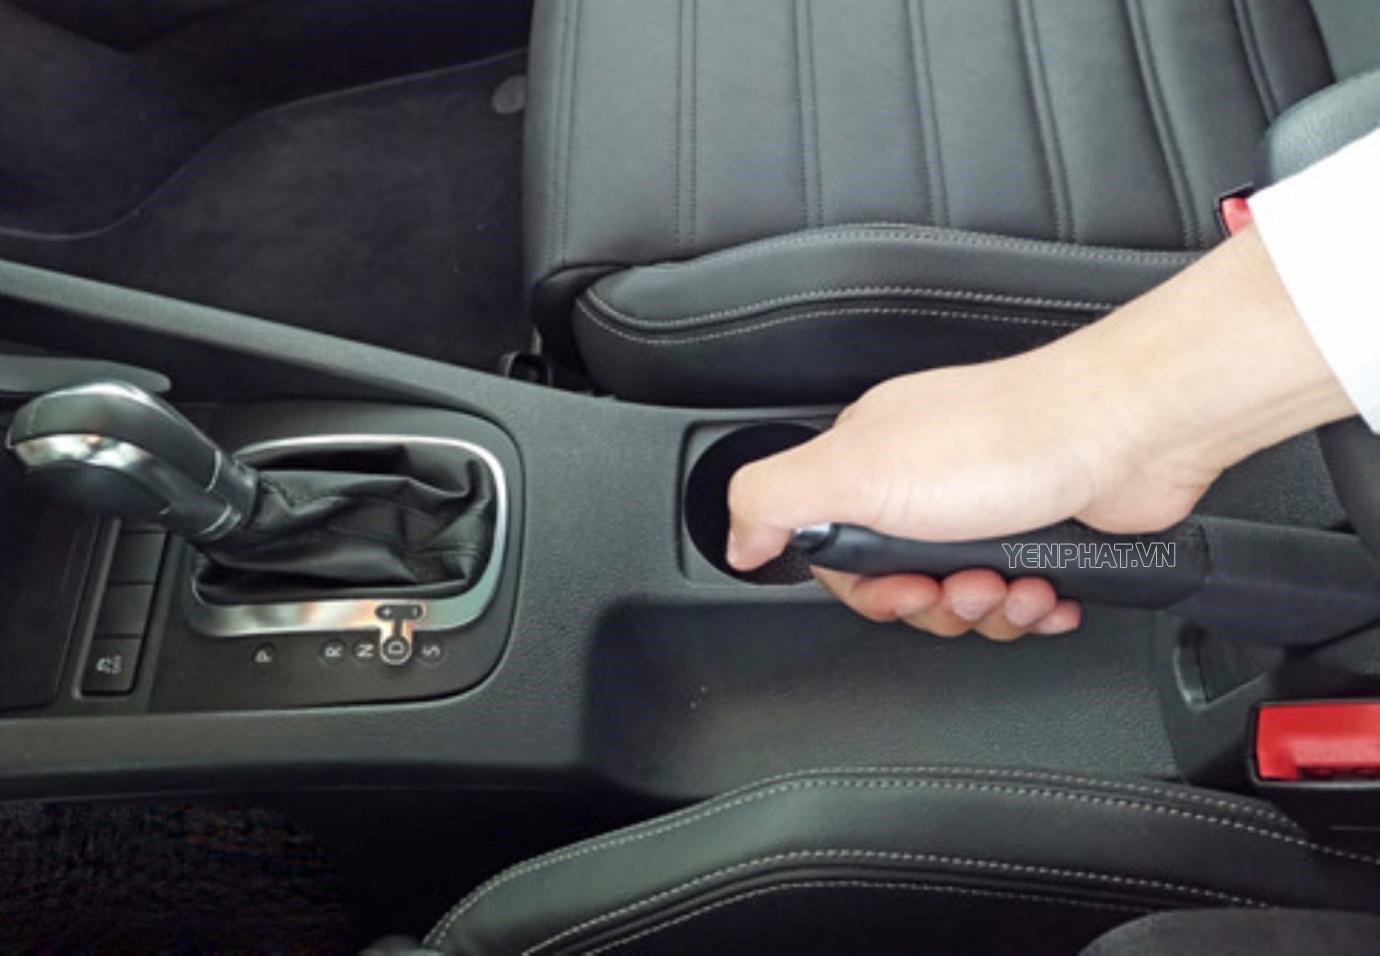 Quên kéo phanh tay tay khi đỗ có thể tiềm ẩn rủi ro tai nạn